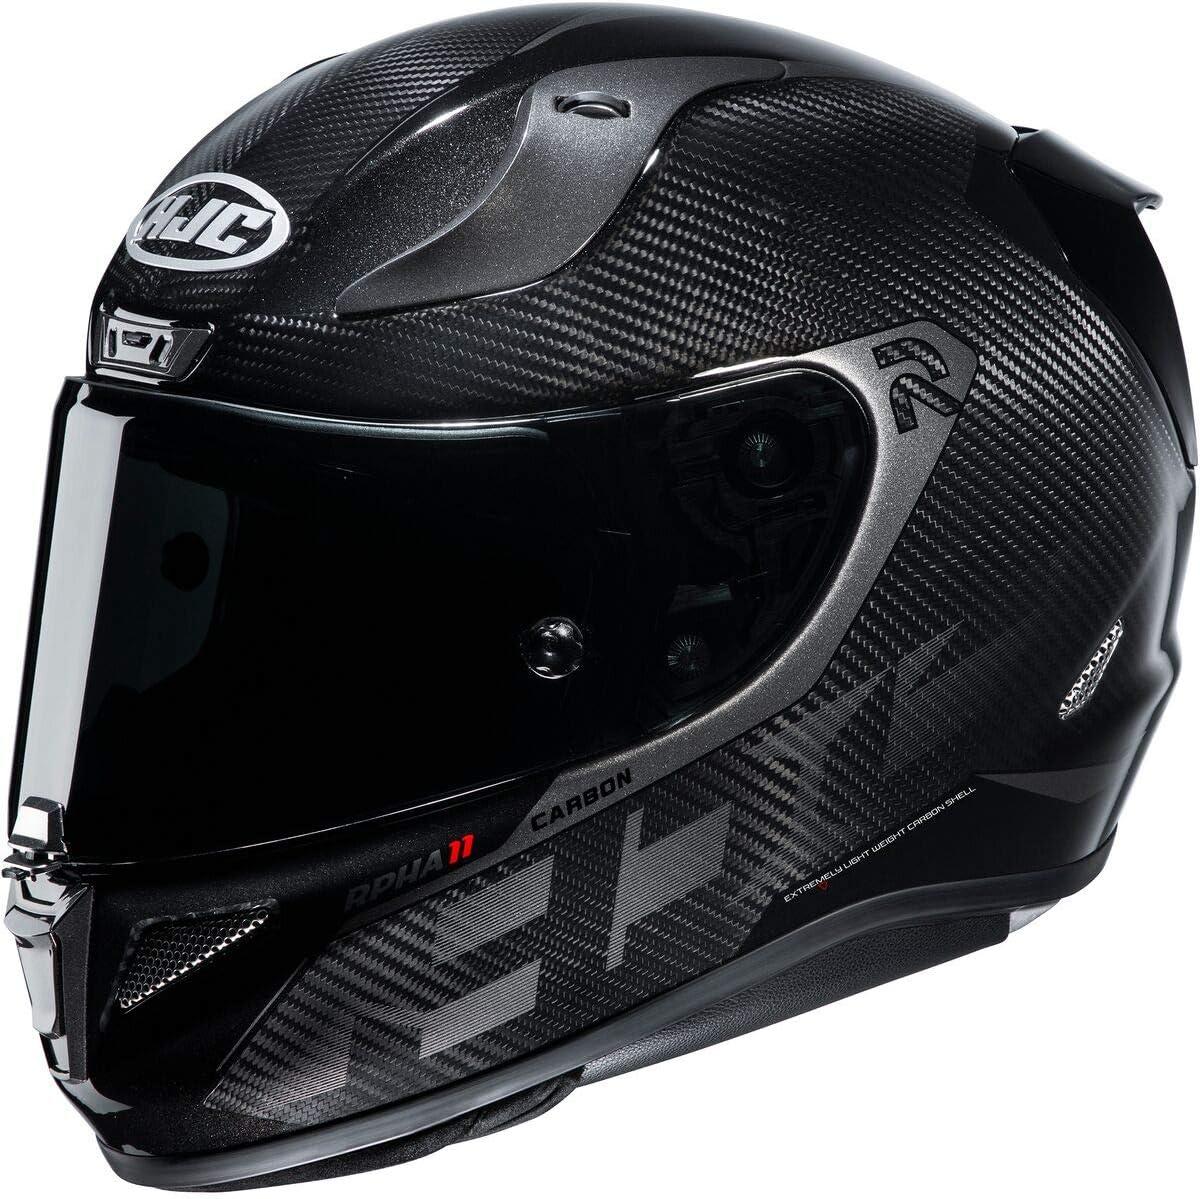 HJC Helmets RPHA 11 Pro Carbon Bleer Street Motorcycle Helmet